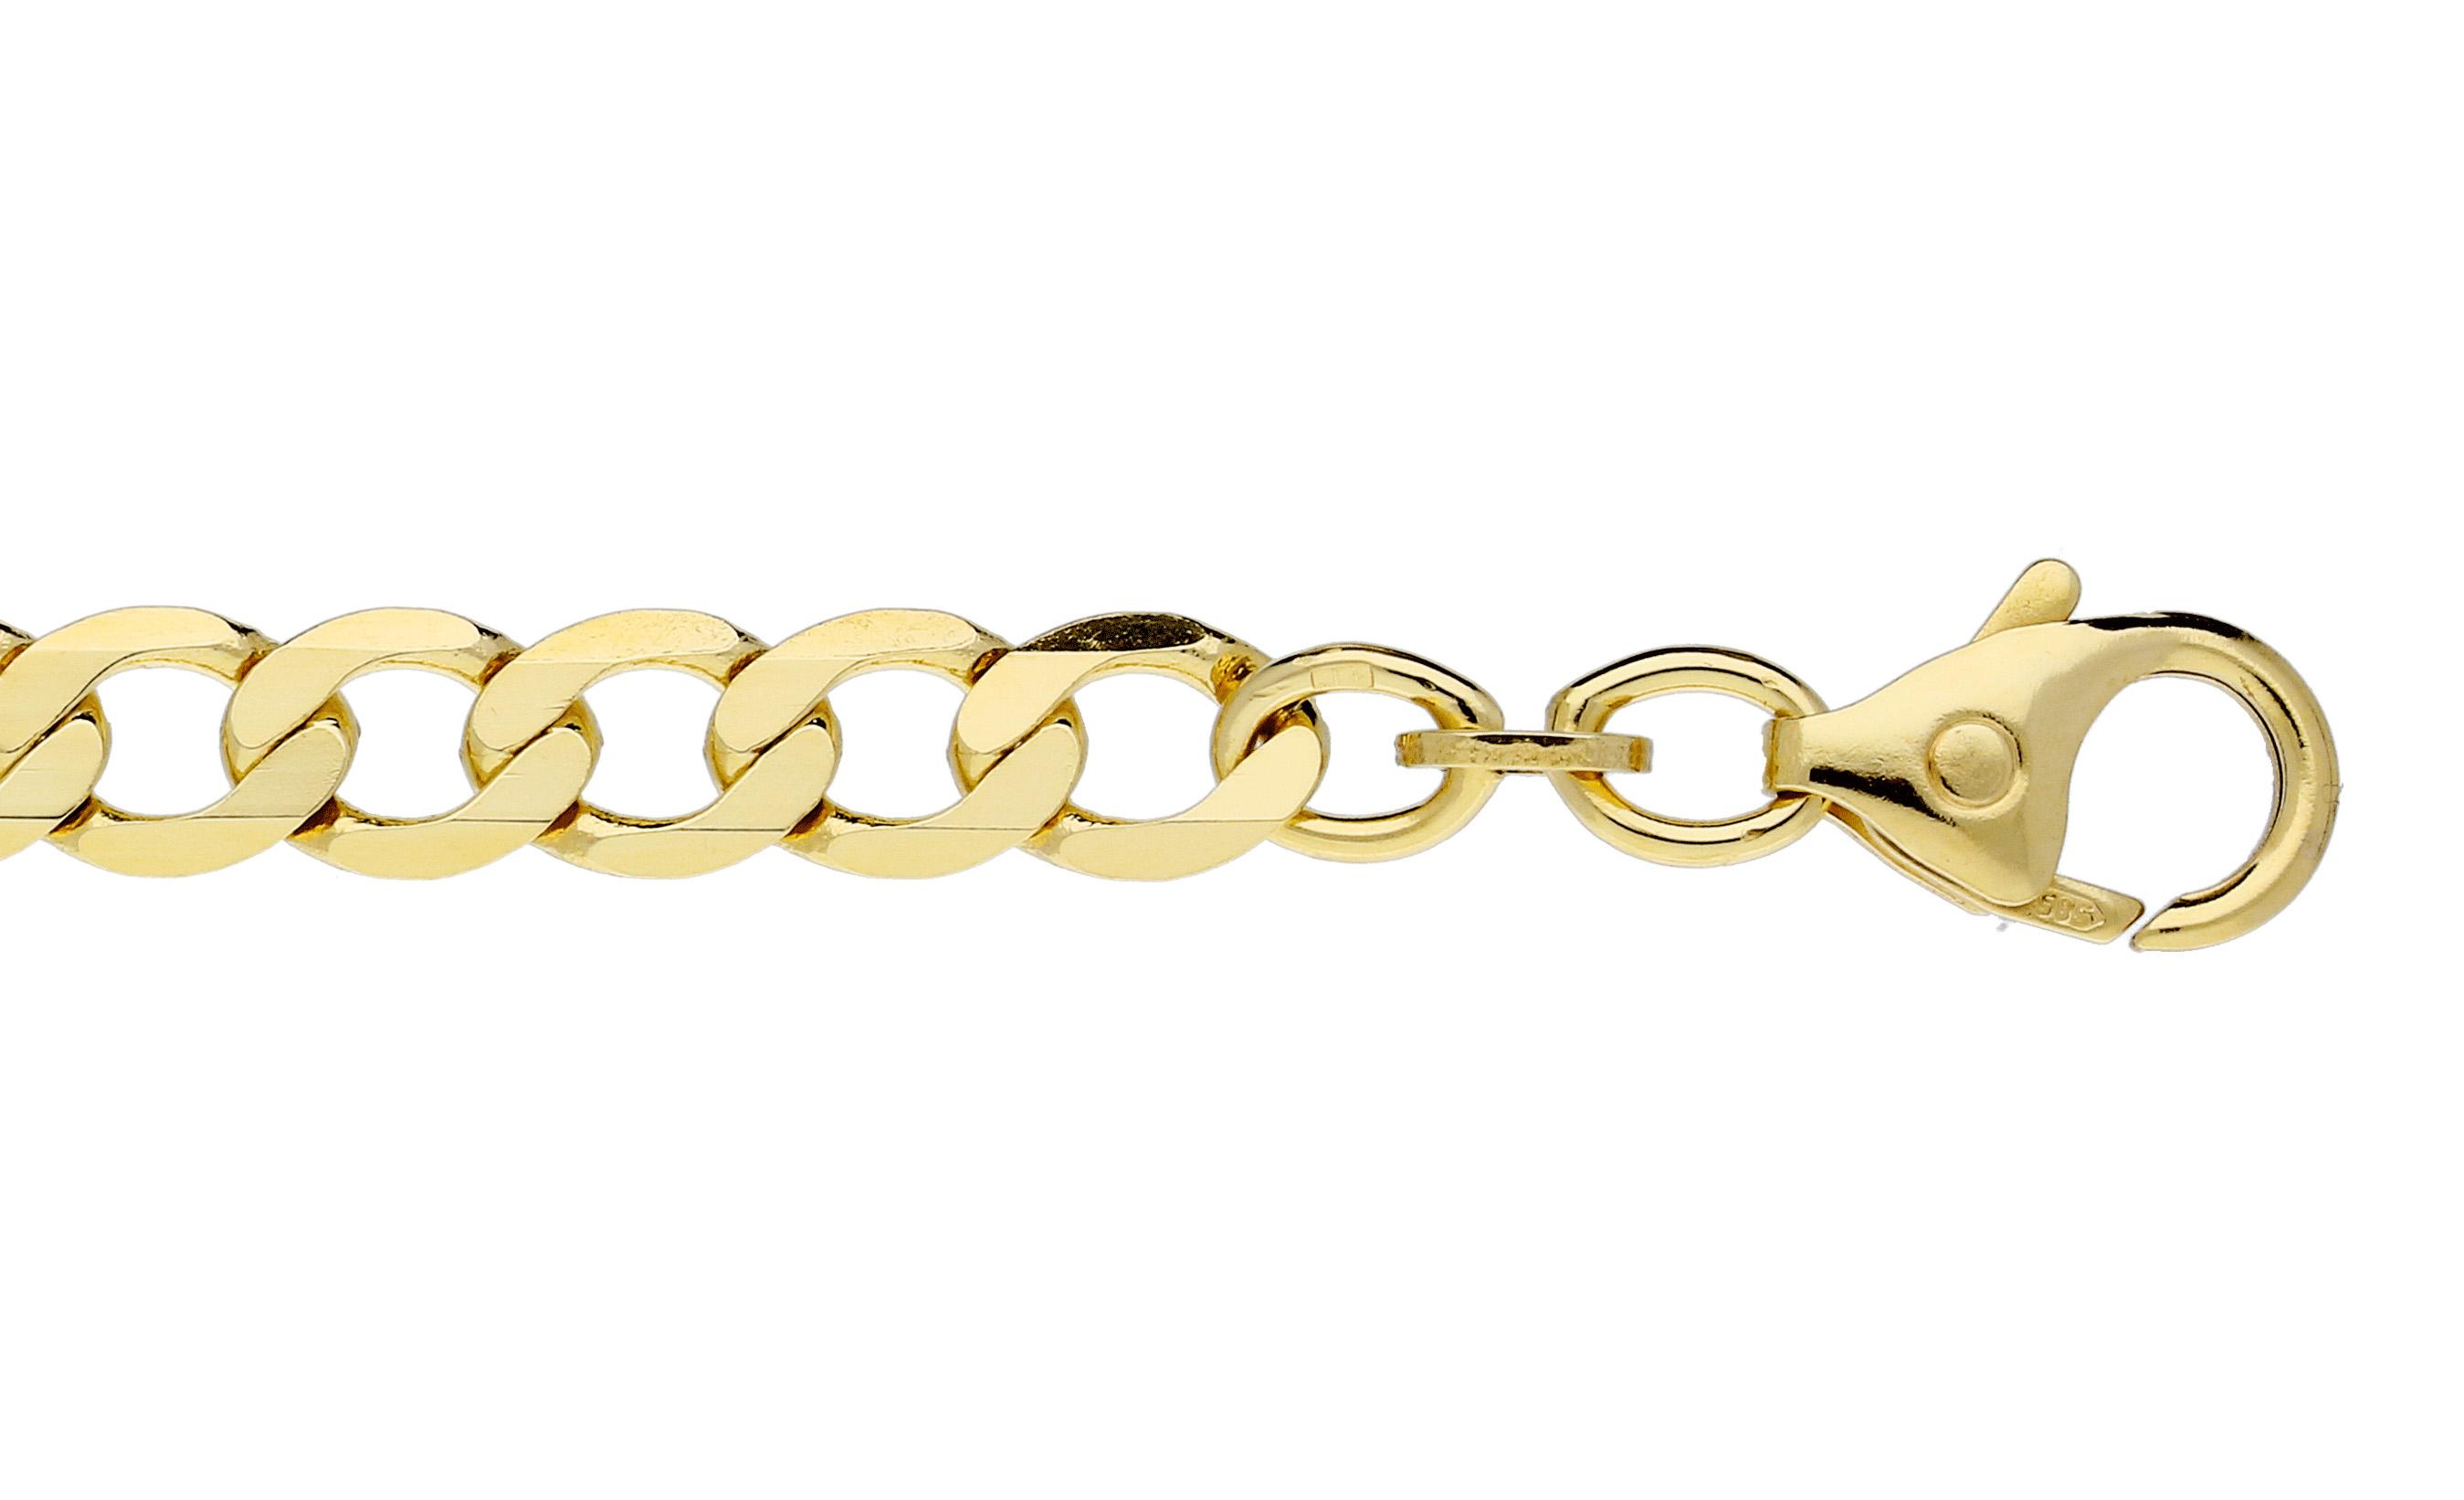 Glow Gouden Schakelarmband 19 cm Open Gourmet 5.7 mm 204.2046.19